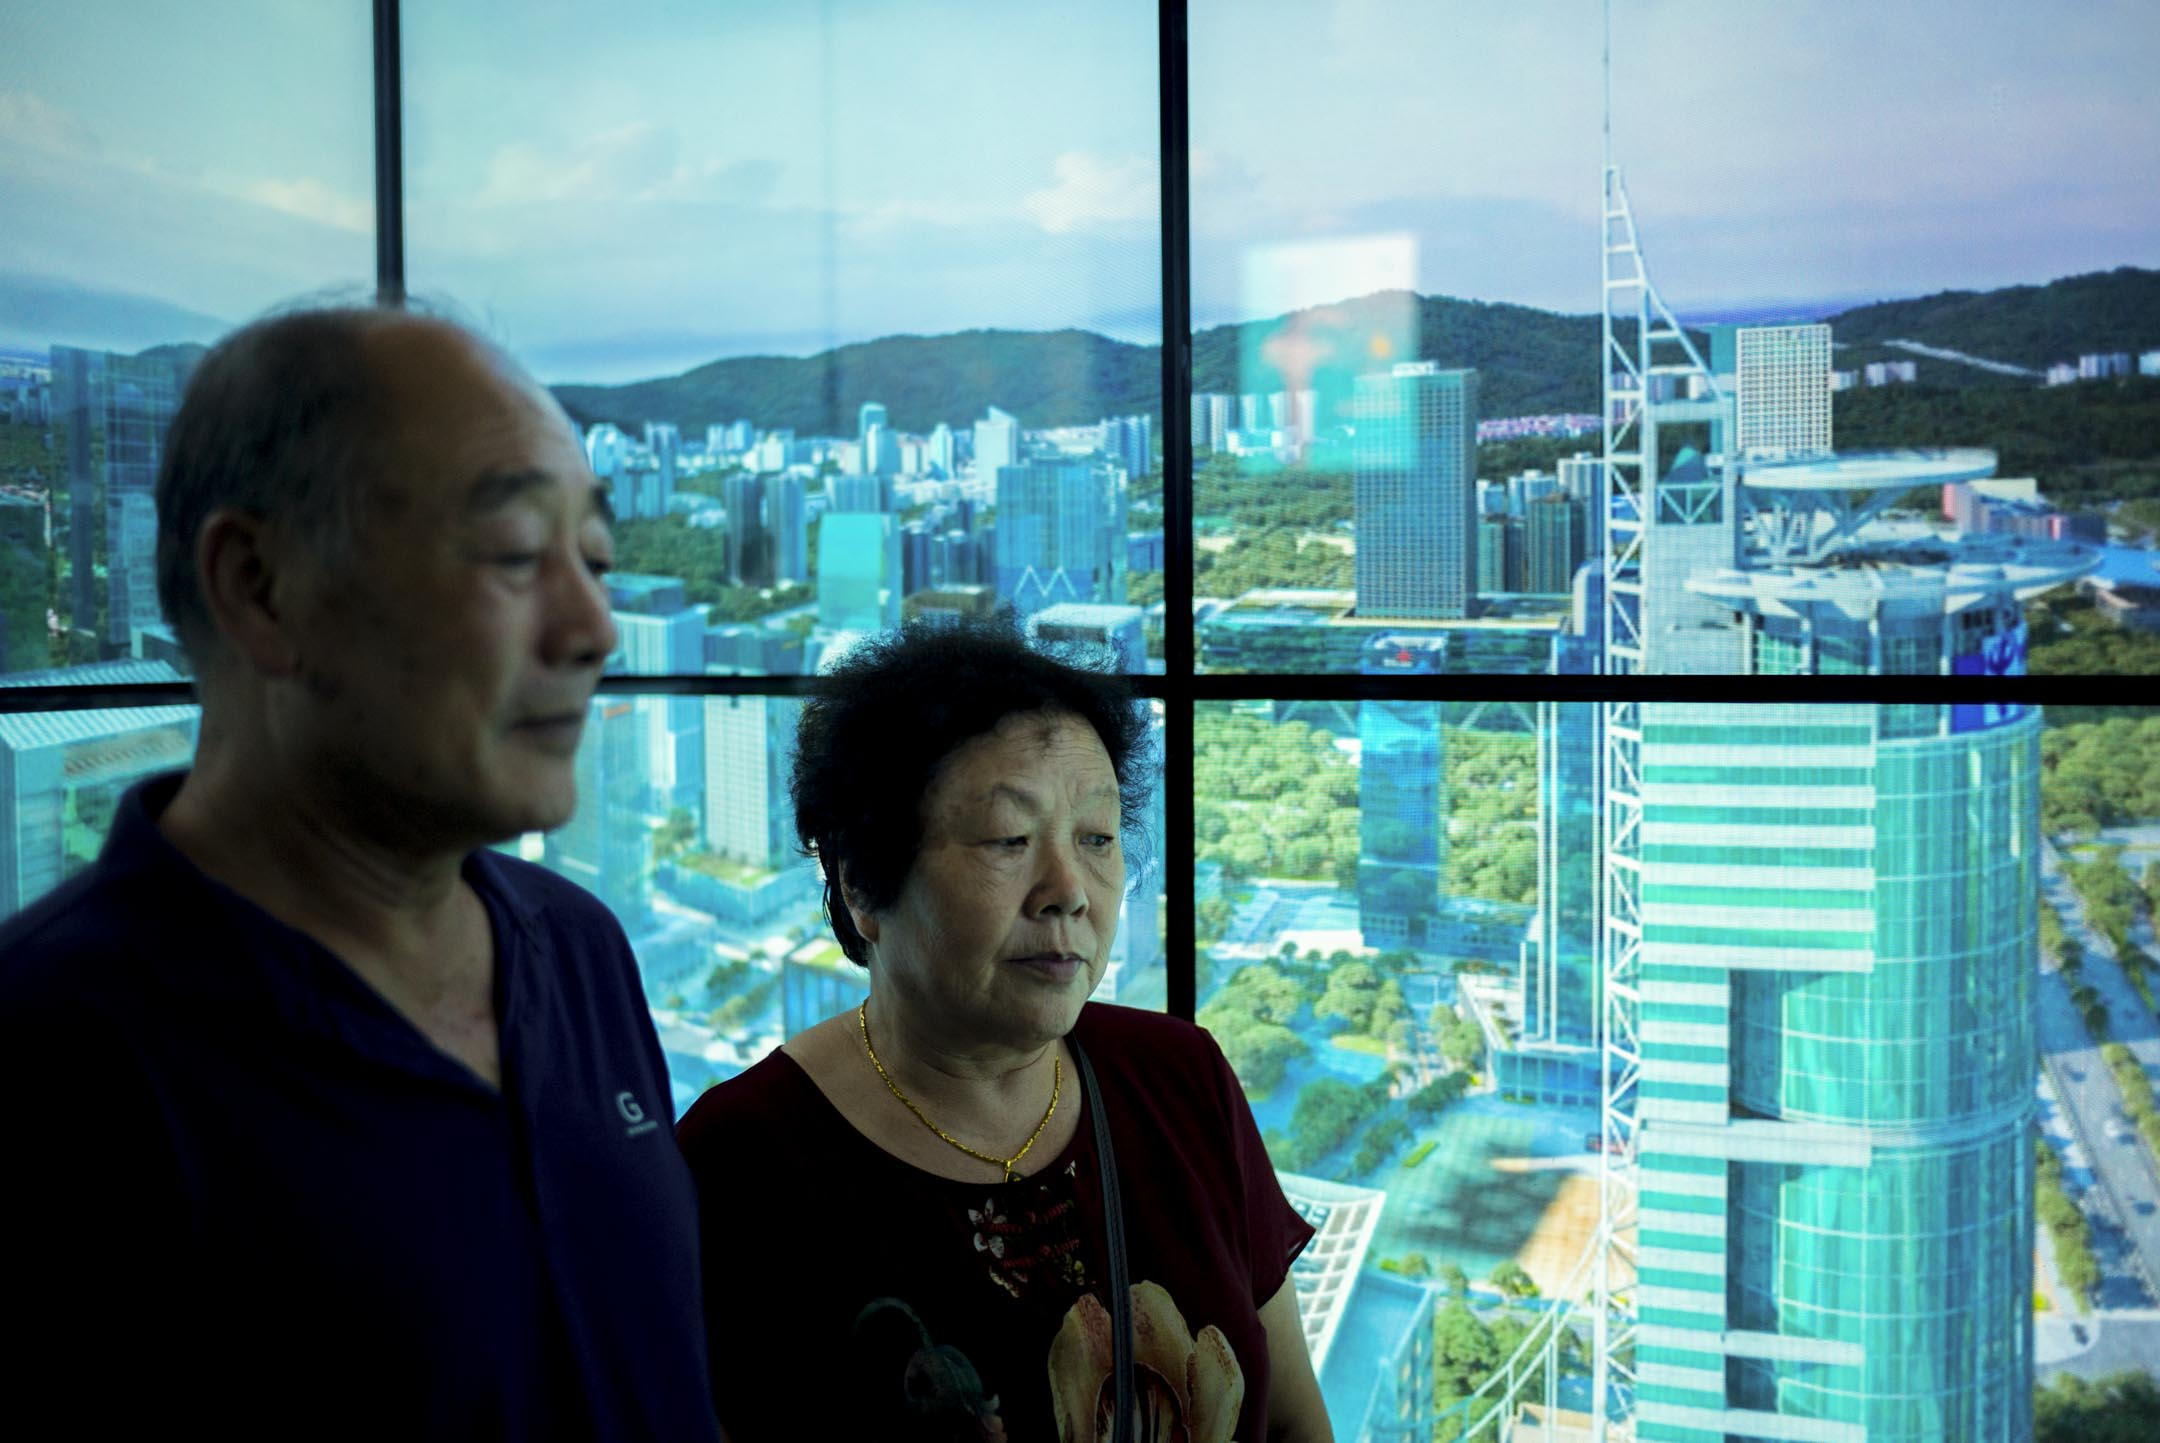 位於深圳的平安金融中心,是中國第二高樓及世界第四高樓,一對夫婦正乘搭電梯往大廈116樓的觀景台。 攝:林振東/端傳媒